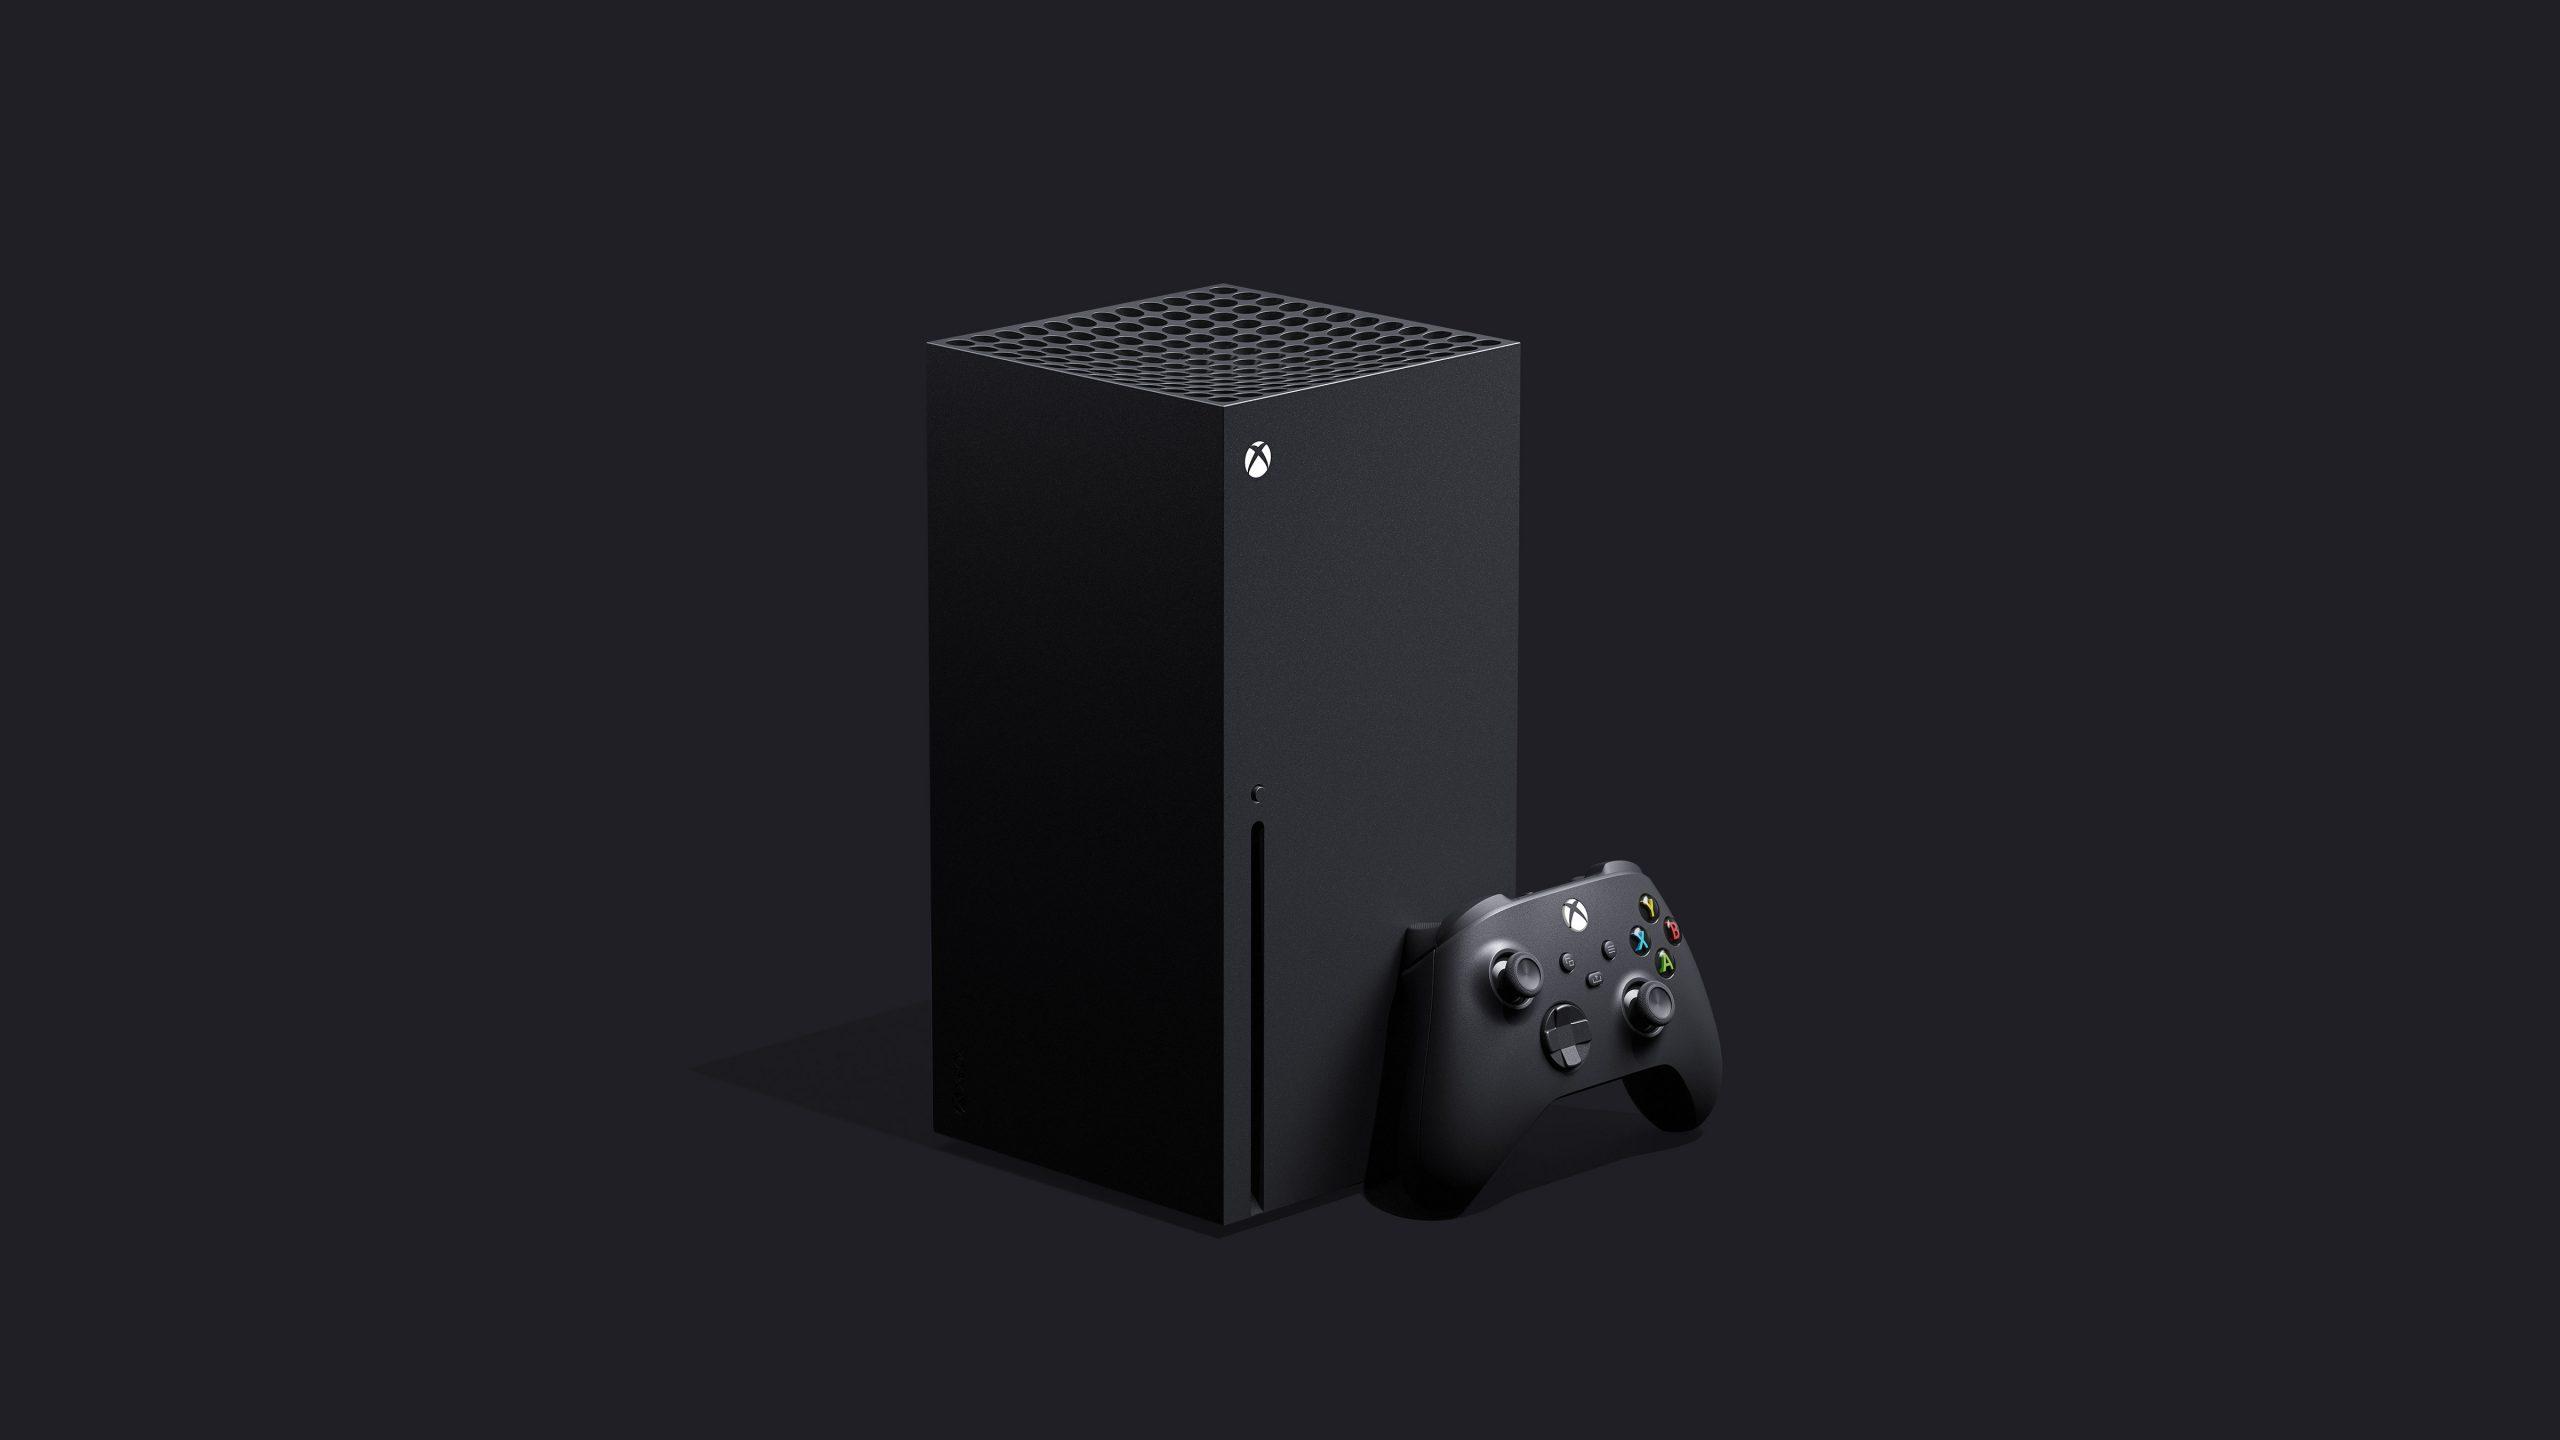 玩家自制Xbox Series X實體外盒概念藝術圖